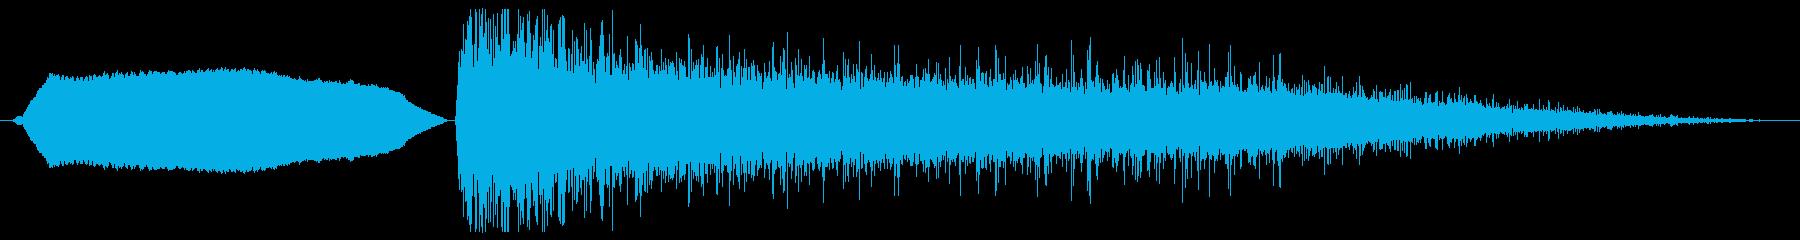 漫画爆弾爆発-空から落ちてくる爆弾の再生済みの波形